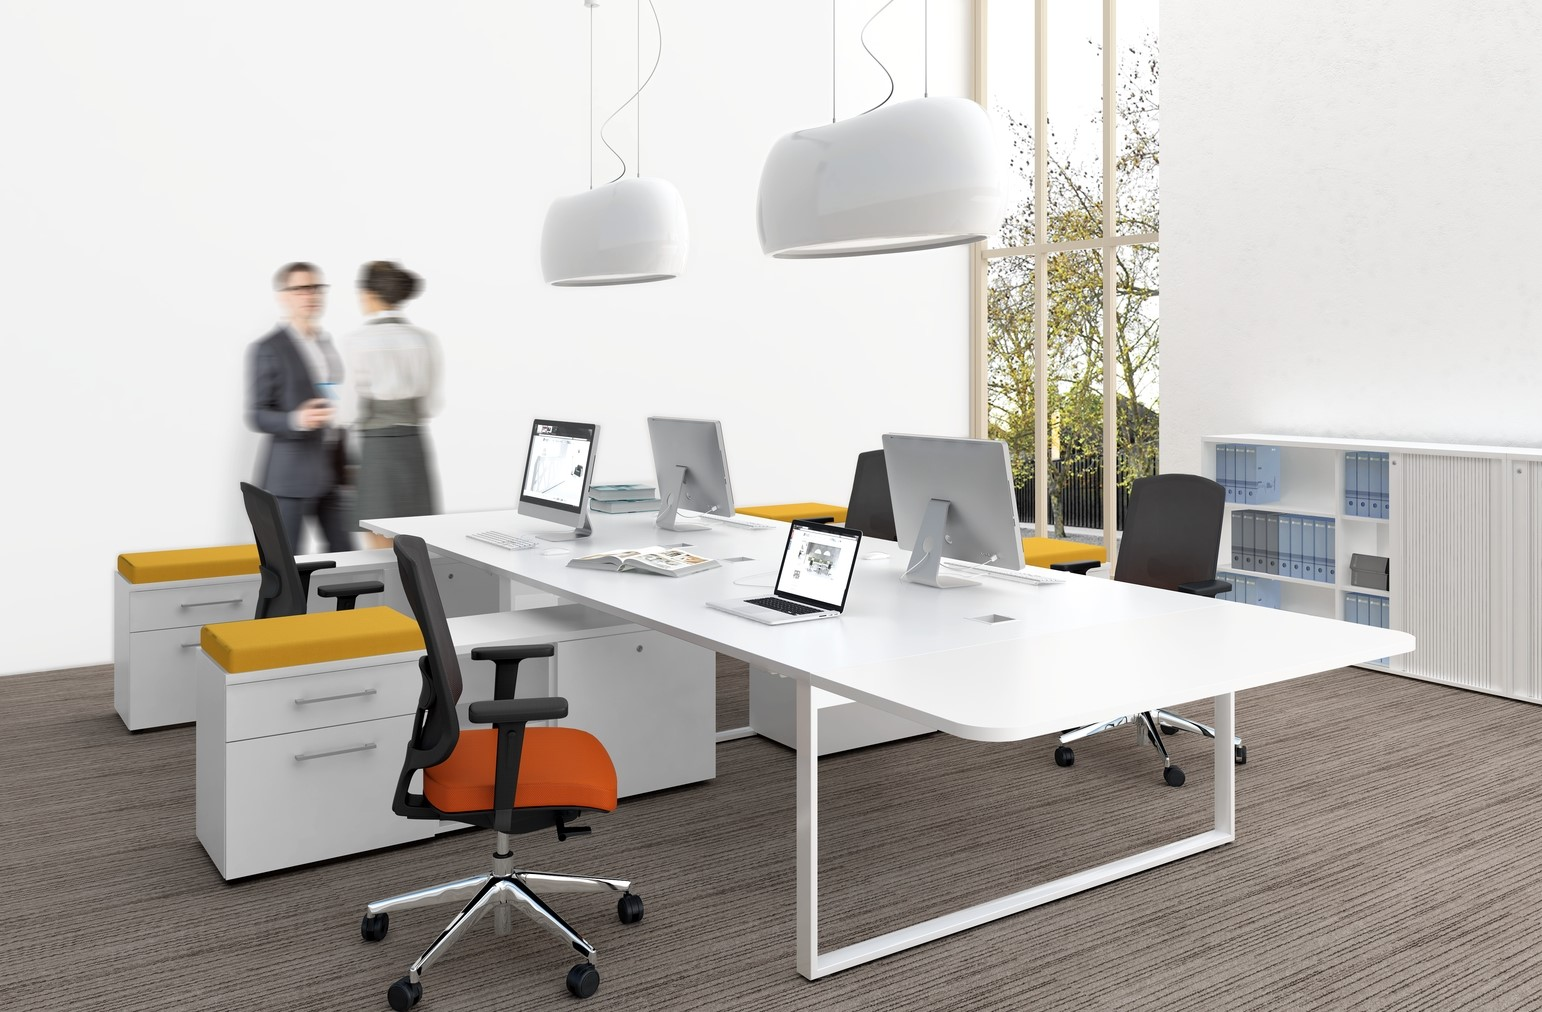 Bureau en bench pour espaces de travail coworking - Plateau coulissant pour tv ...